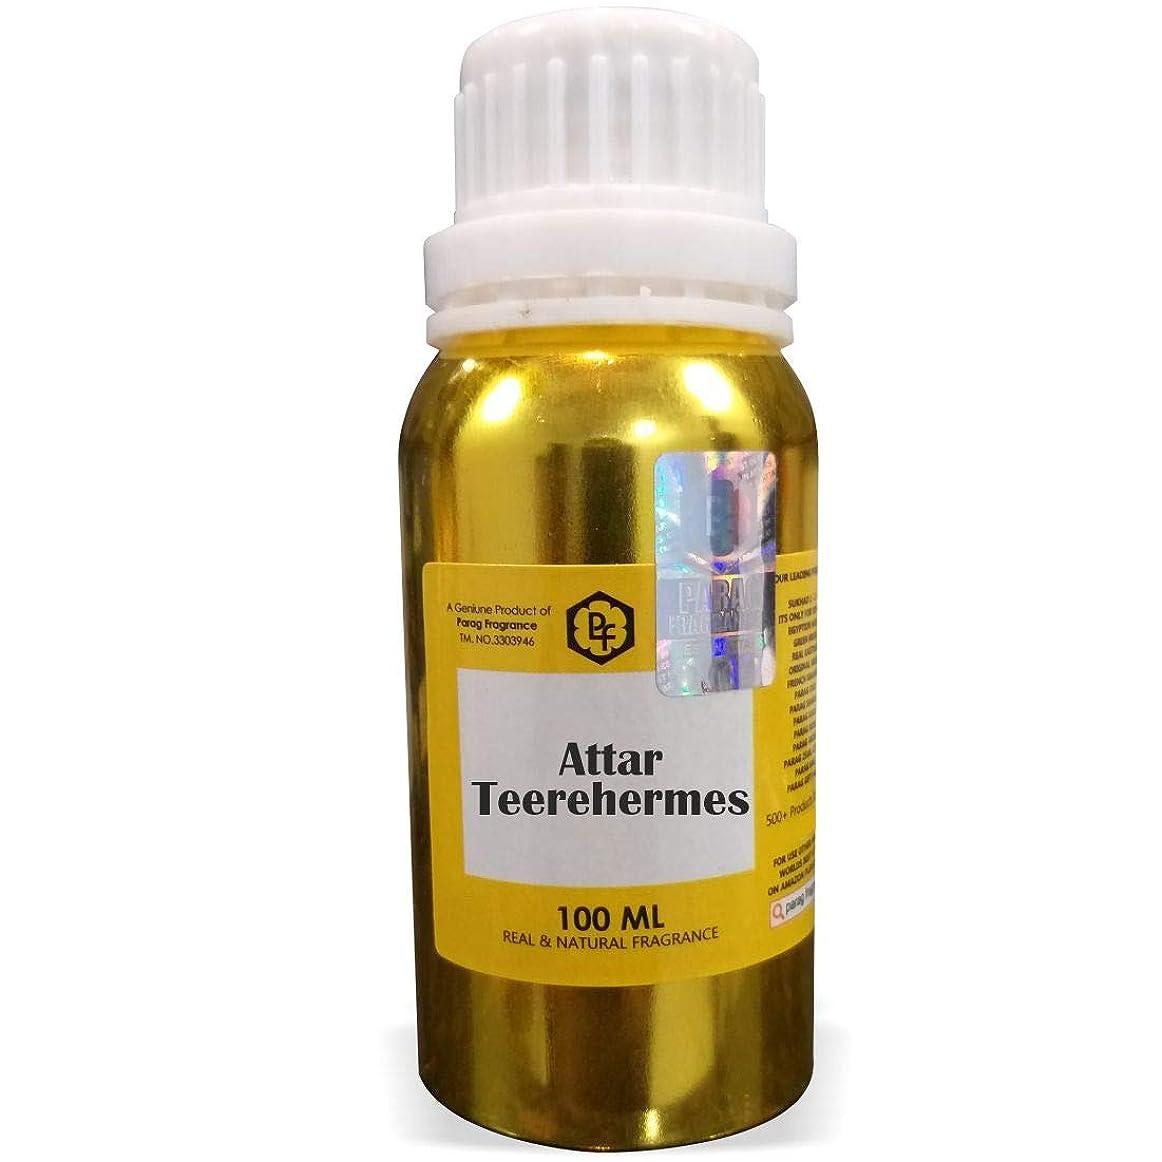 かご擁するシーフードParagフレグランスTeerehermesアター100ミリリットル(男性用アルコールフリーアター)香油| 香り| ITRA